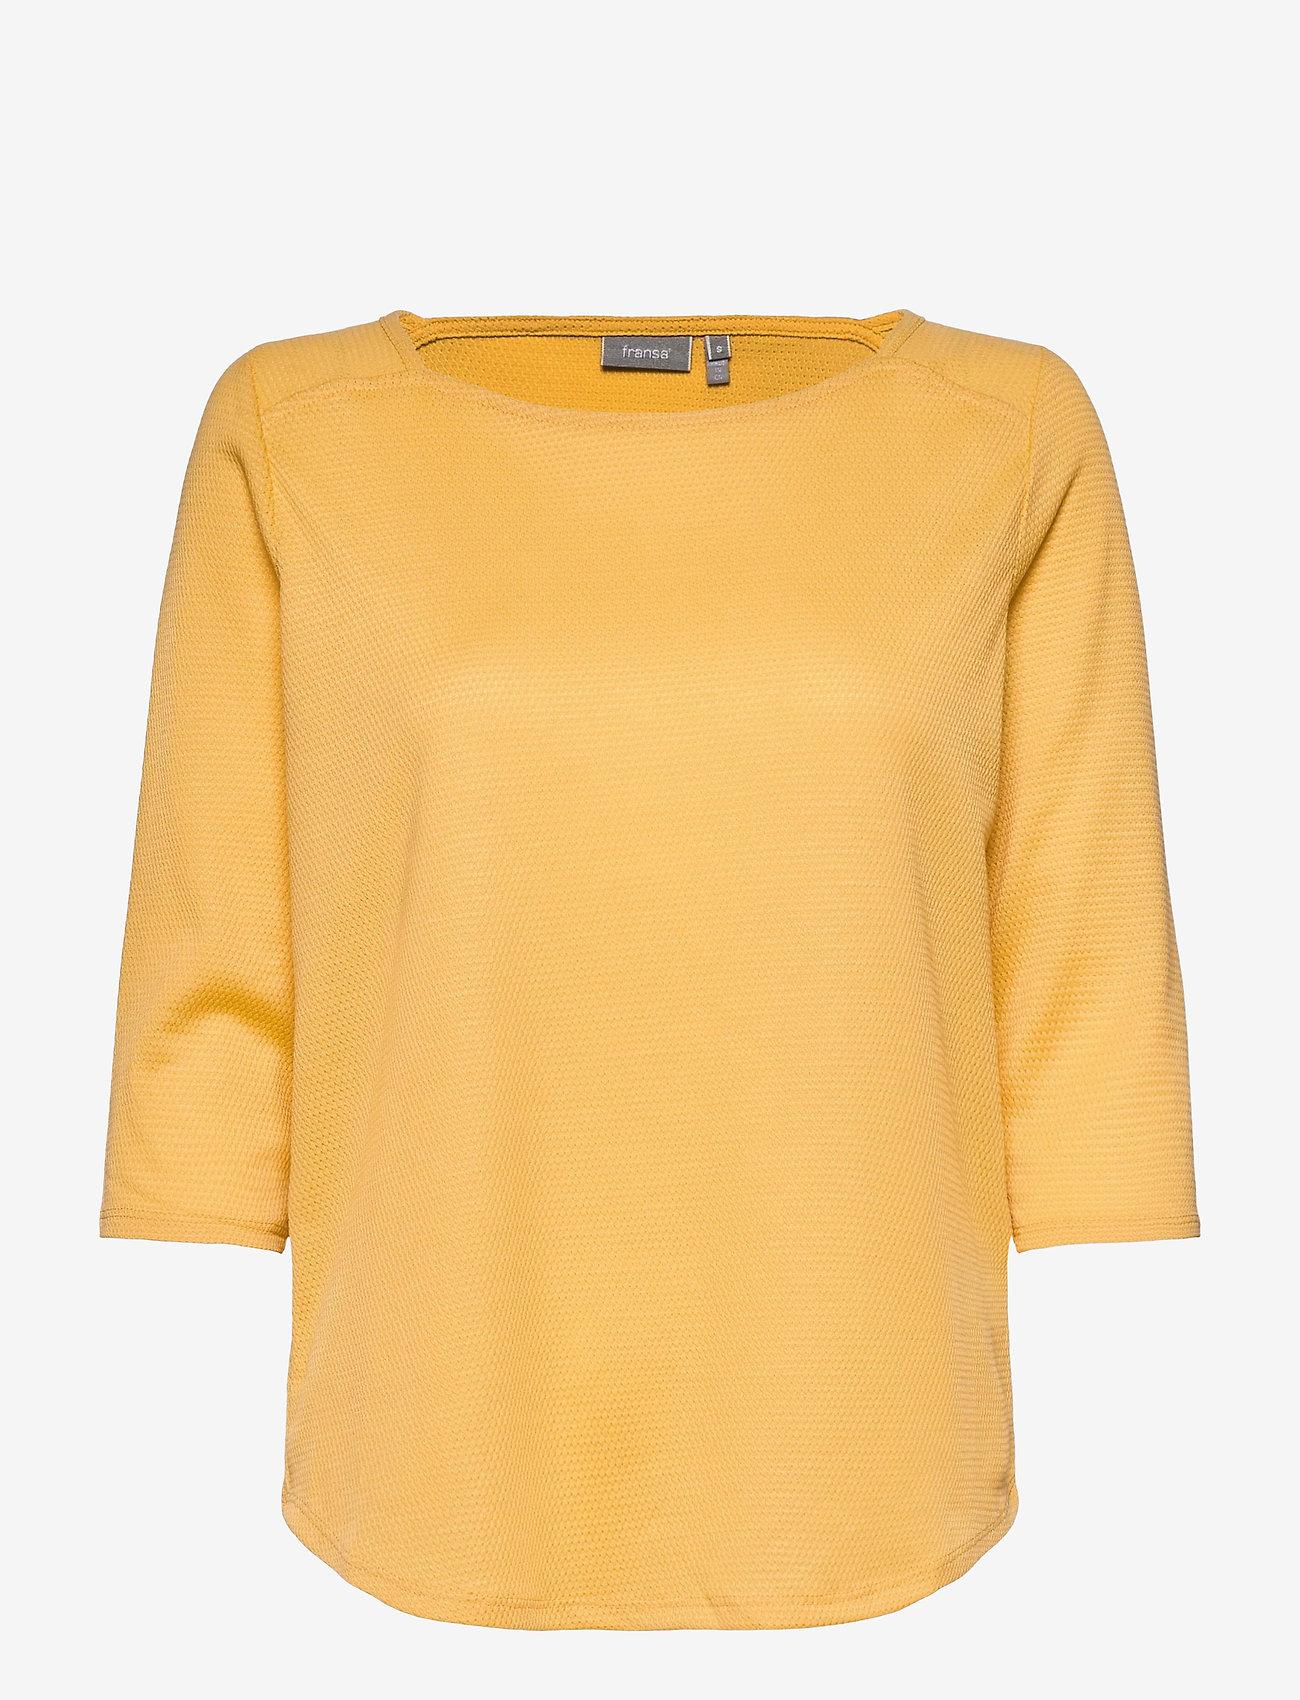 Fransa - FRPEJACQ 1 T-shirt - pitkähihaiset t-paidat - ochre - 0